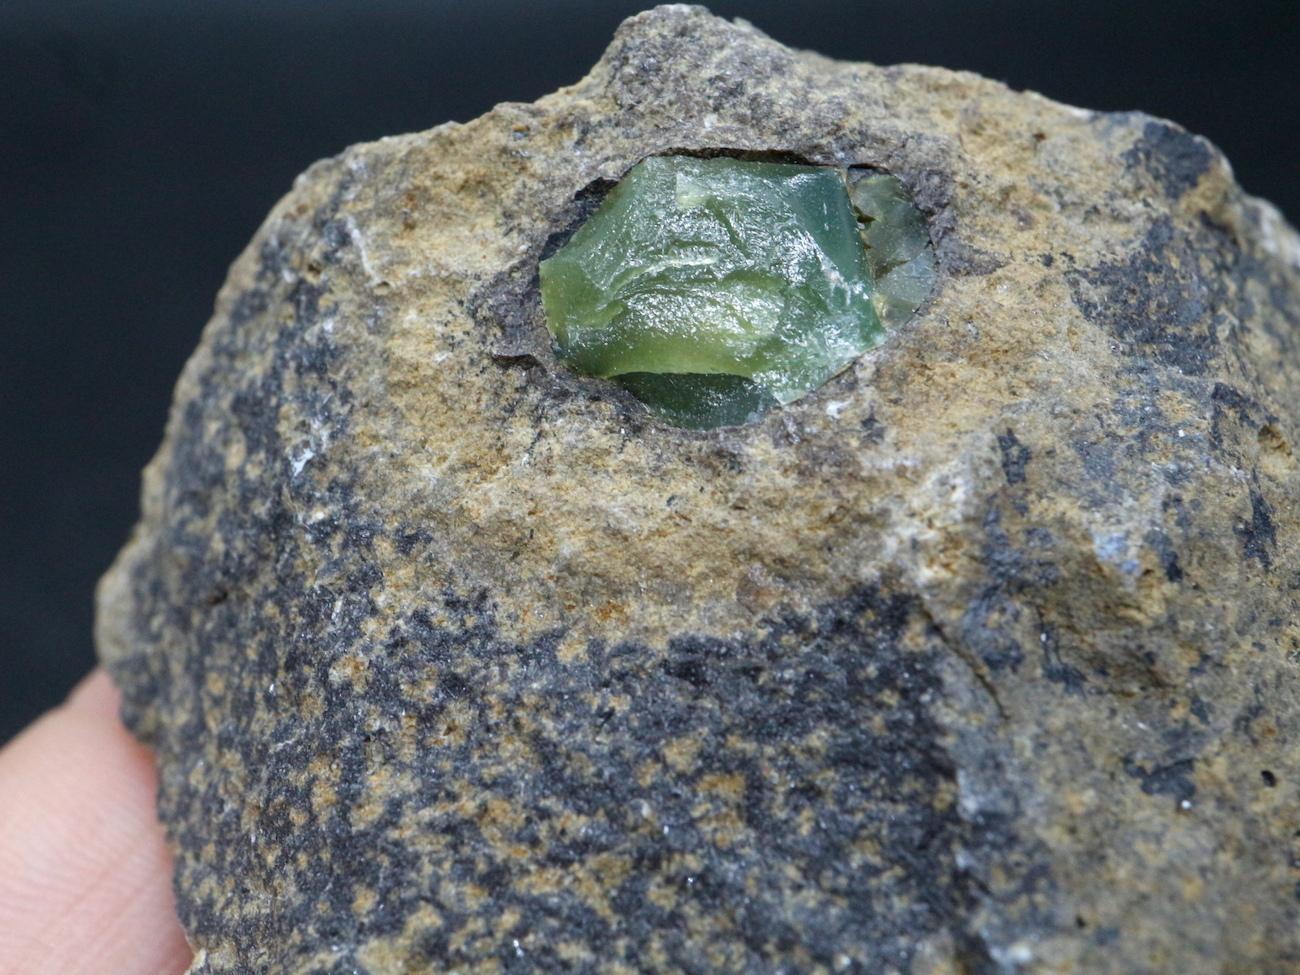 ジェム・ヒル アゲート カリフォルニア州産 瑪瑙 原石 109,5g GHA003 天然石 鉱物 パワーストーン